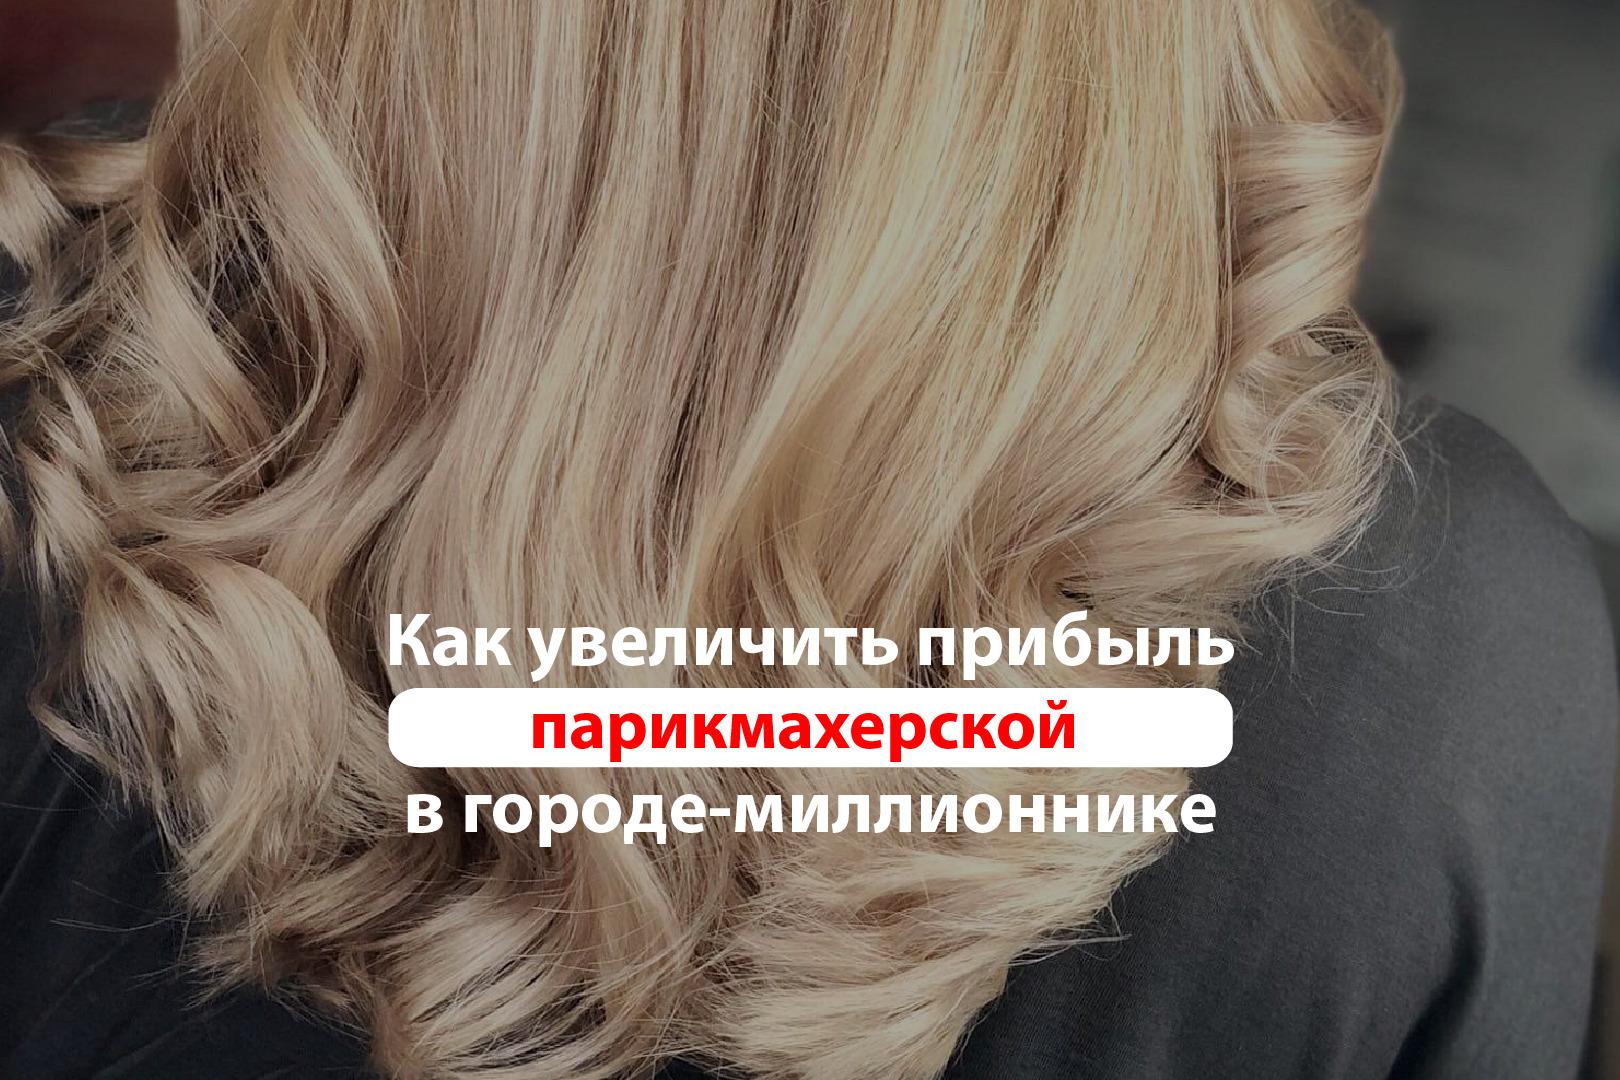 Как увеличить прибыль парикмахерской в городе миллионнике агентство L-io.ru